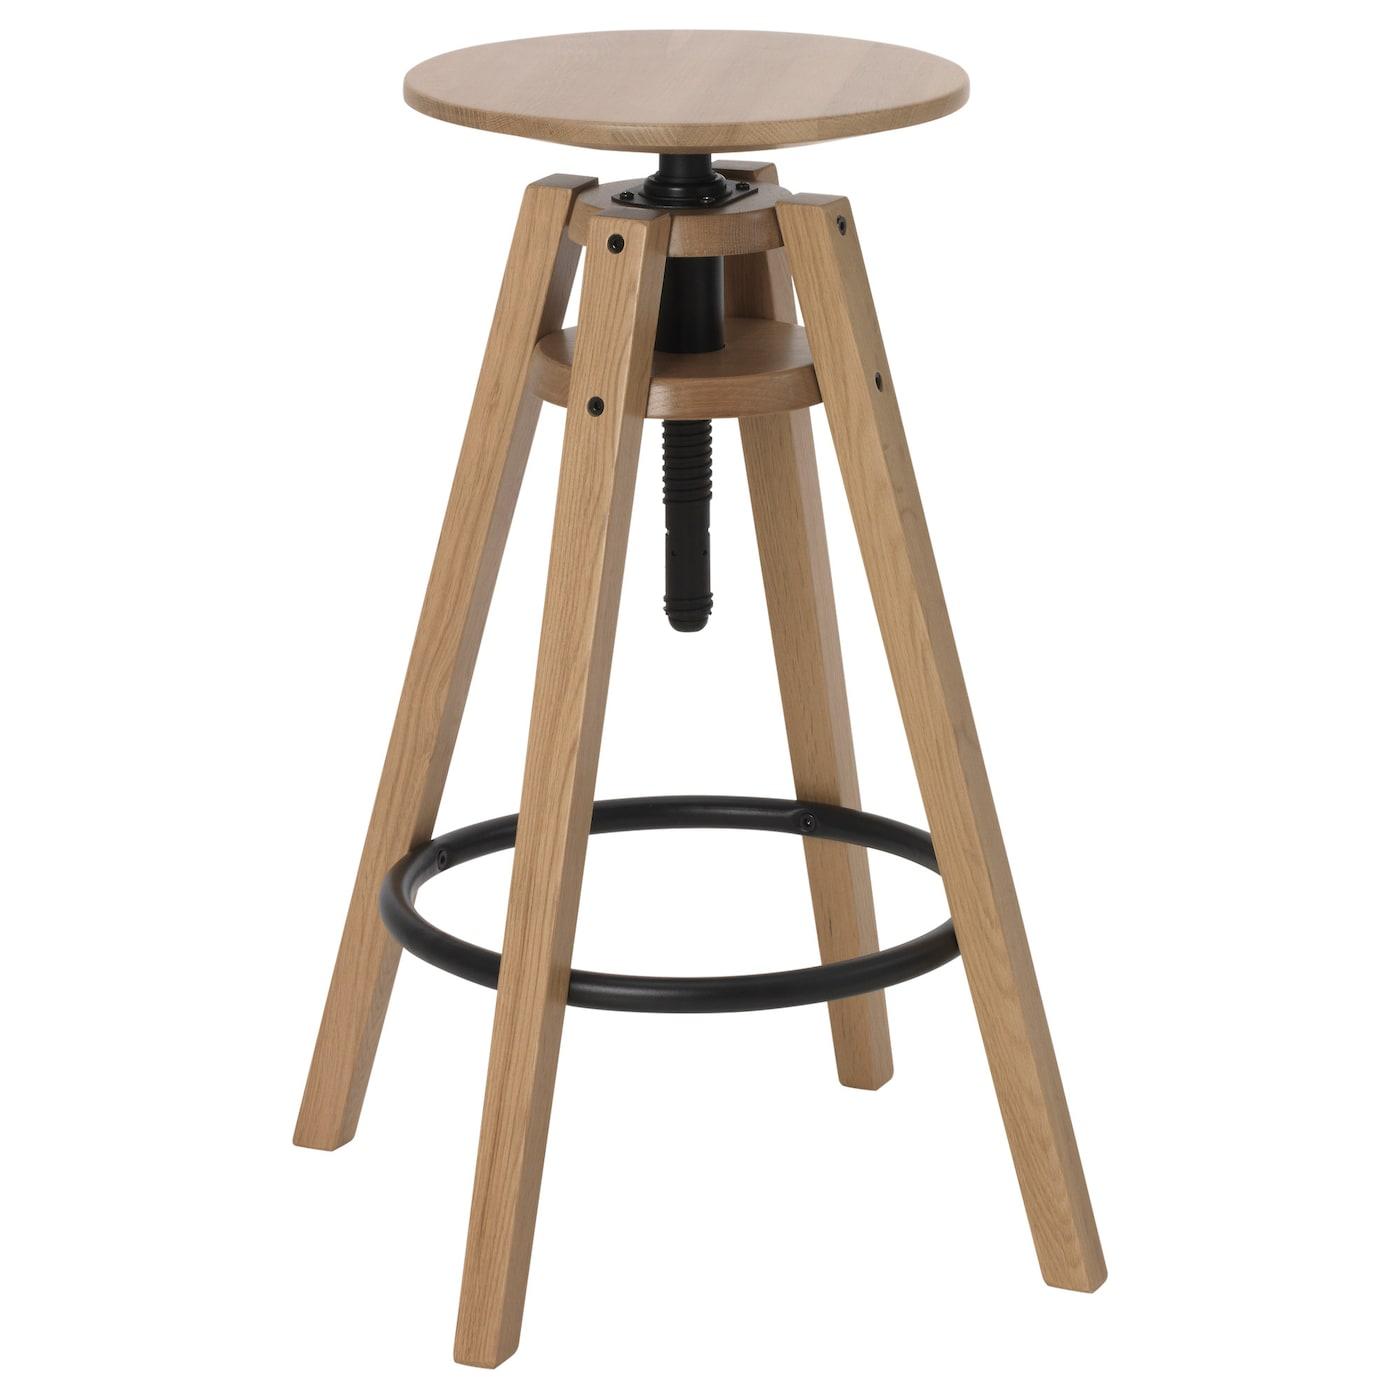 bar seating caf seating ikea. Black Bedroom Furniture Sets. Home Design Ideas